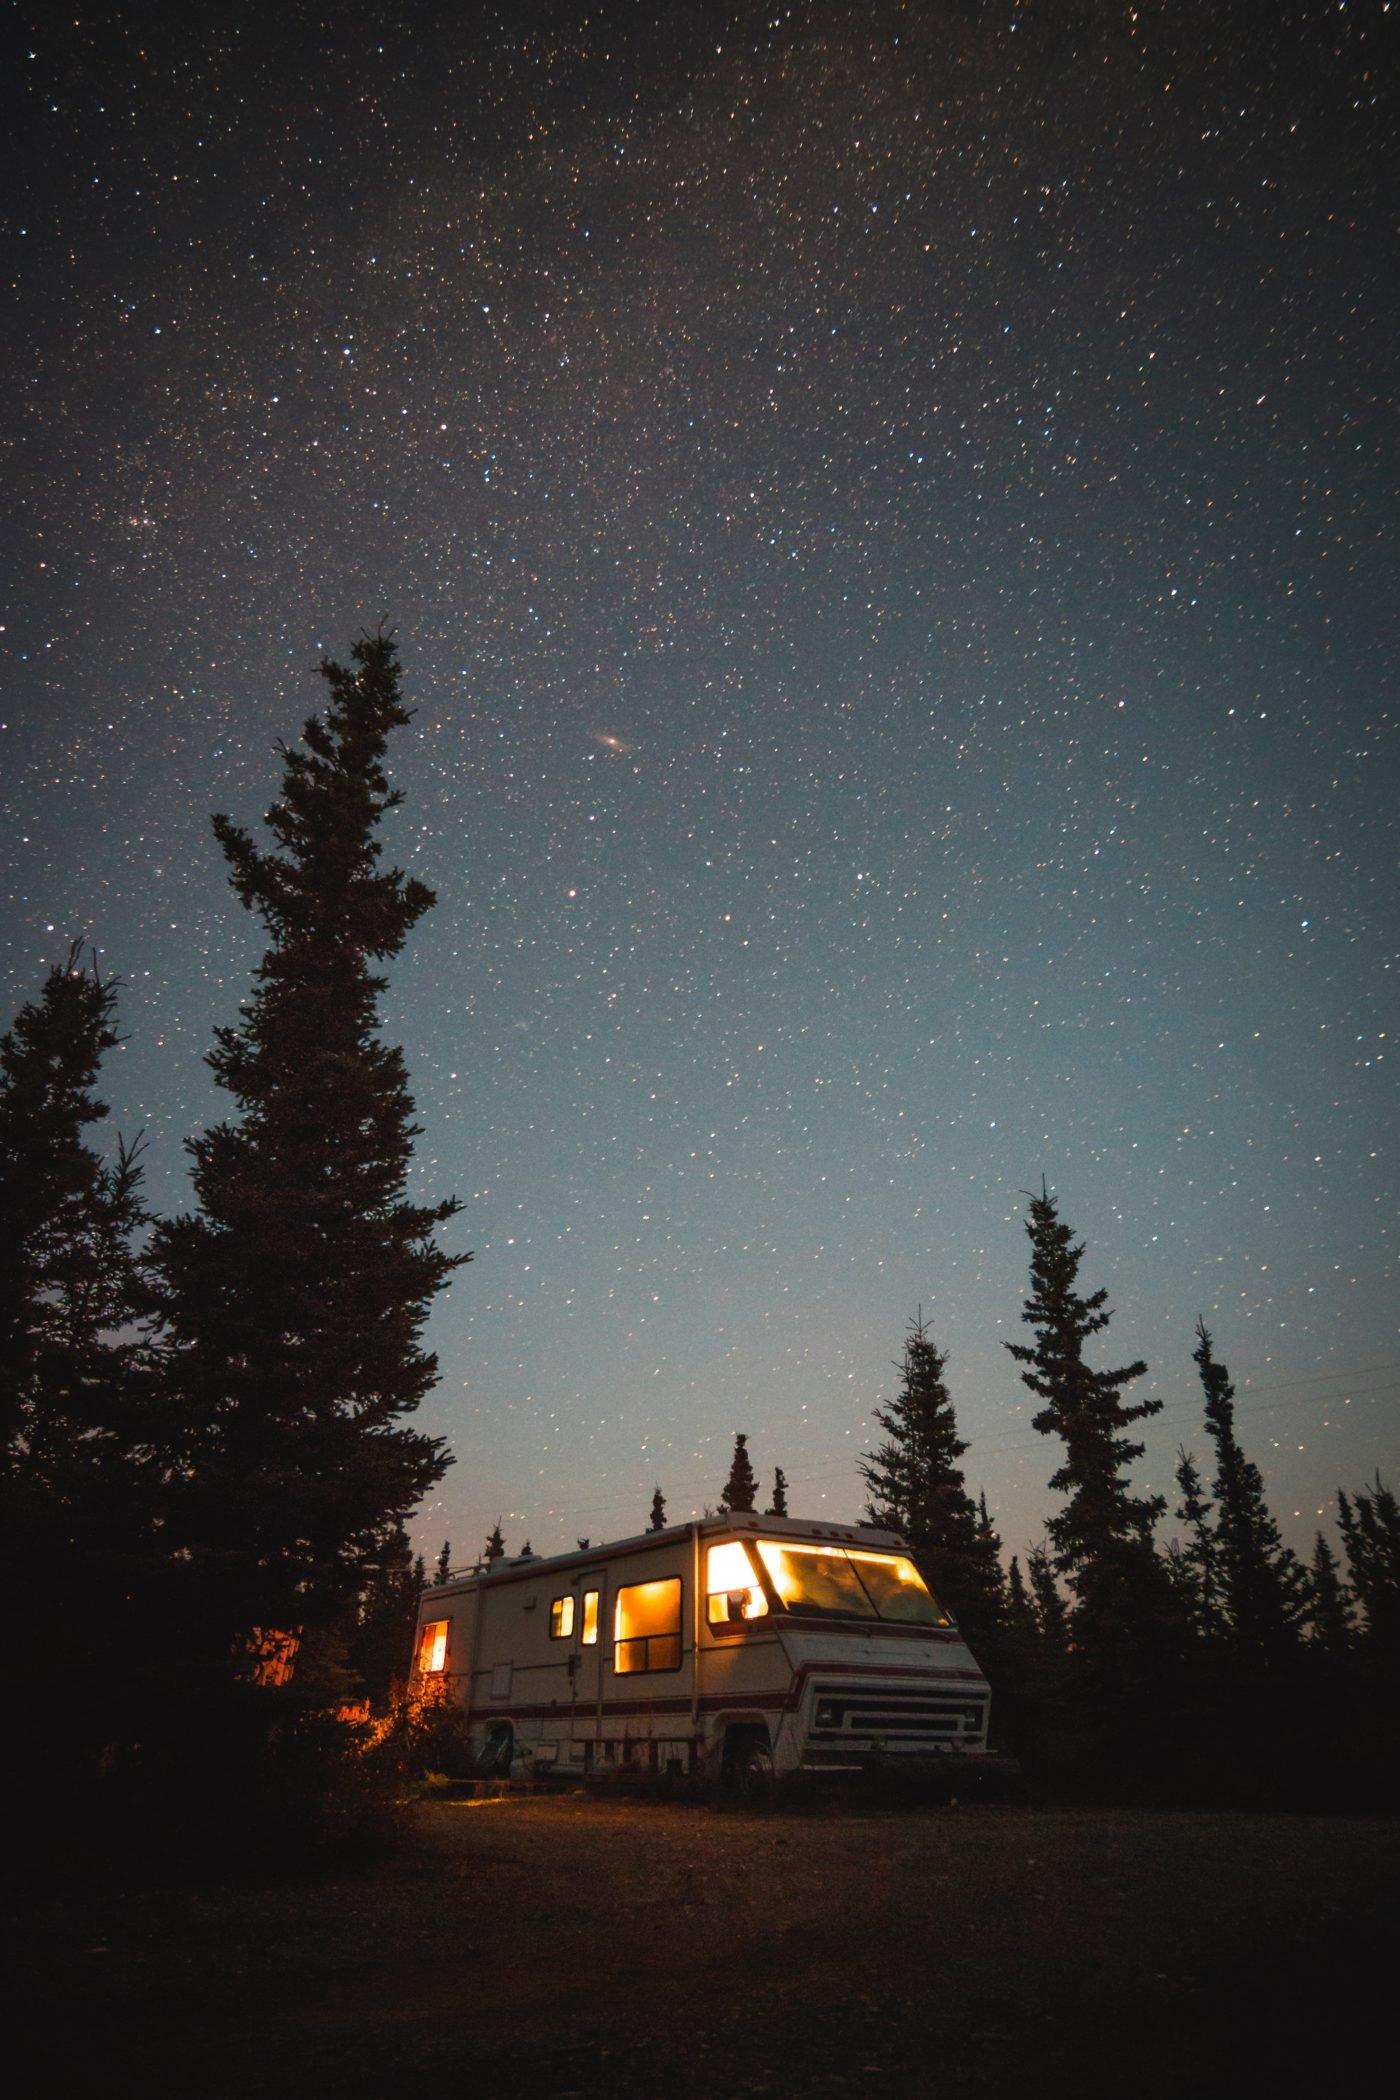 Wohnmobil Heizung in der Nacht dunkel Alkoven